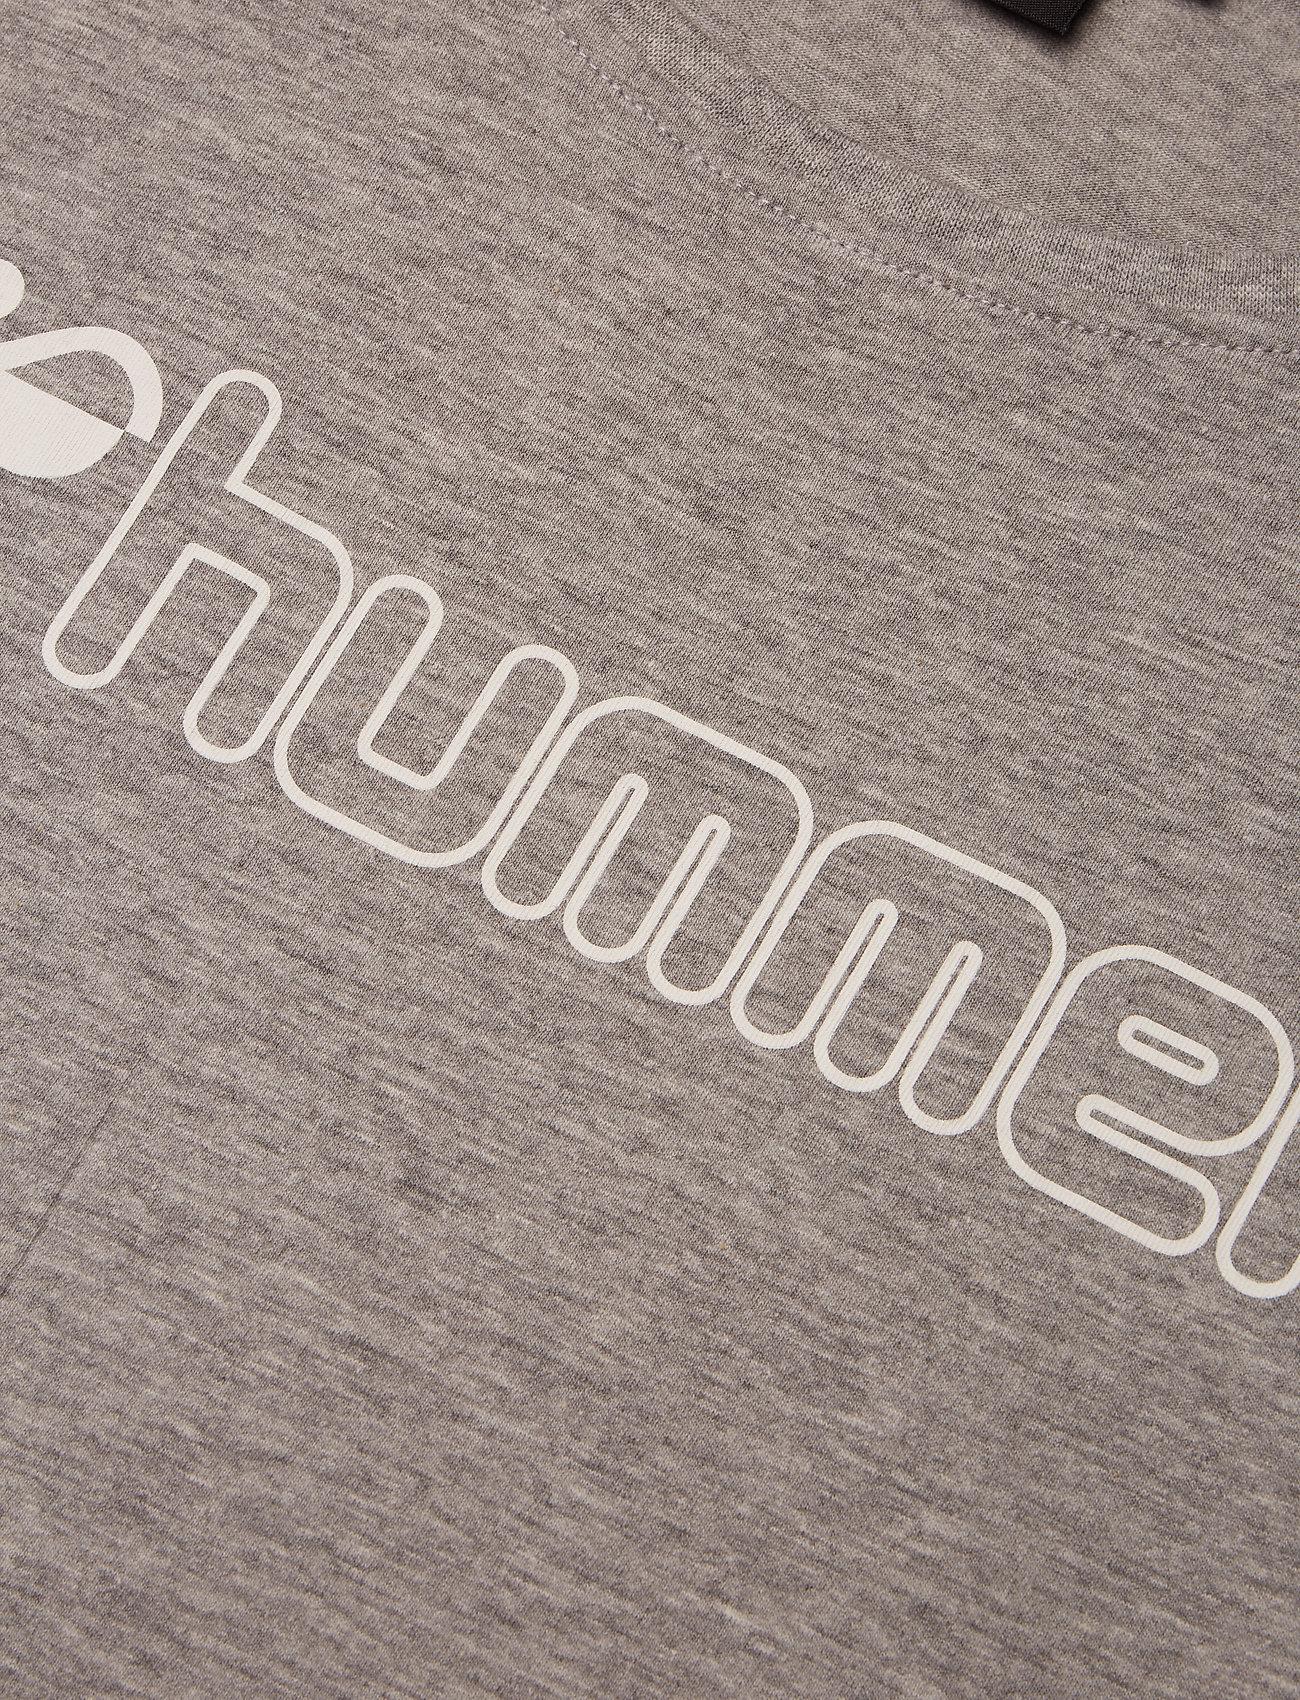 Hummel Hmllucy T-shirt S/s - T-shirts & Toppar Grey Melange